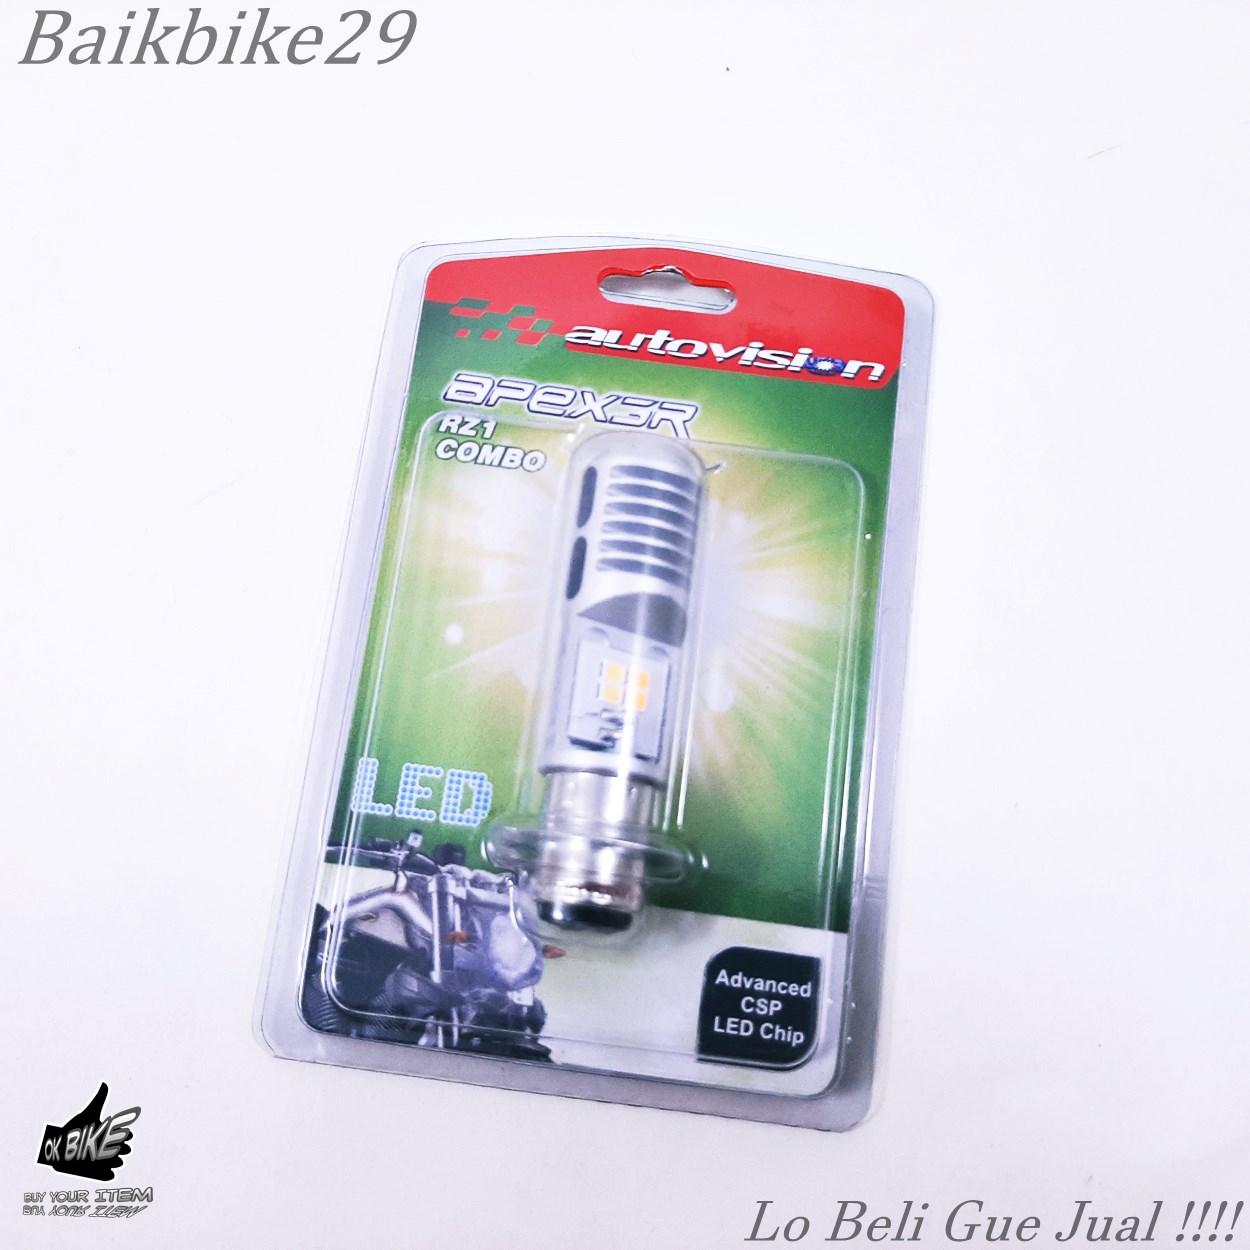 Lampu Bohlam LED Combo Bebek Matic Motor Autovision Dua Warna Socket H6 Universal